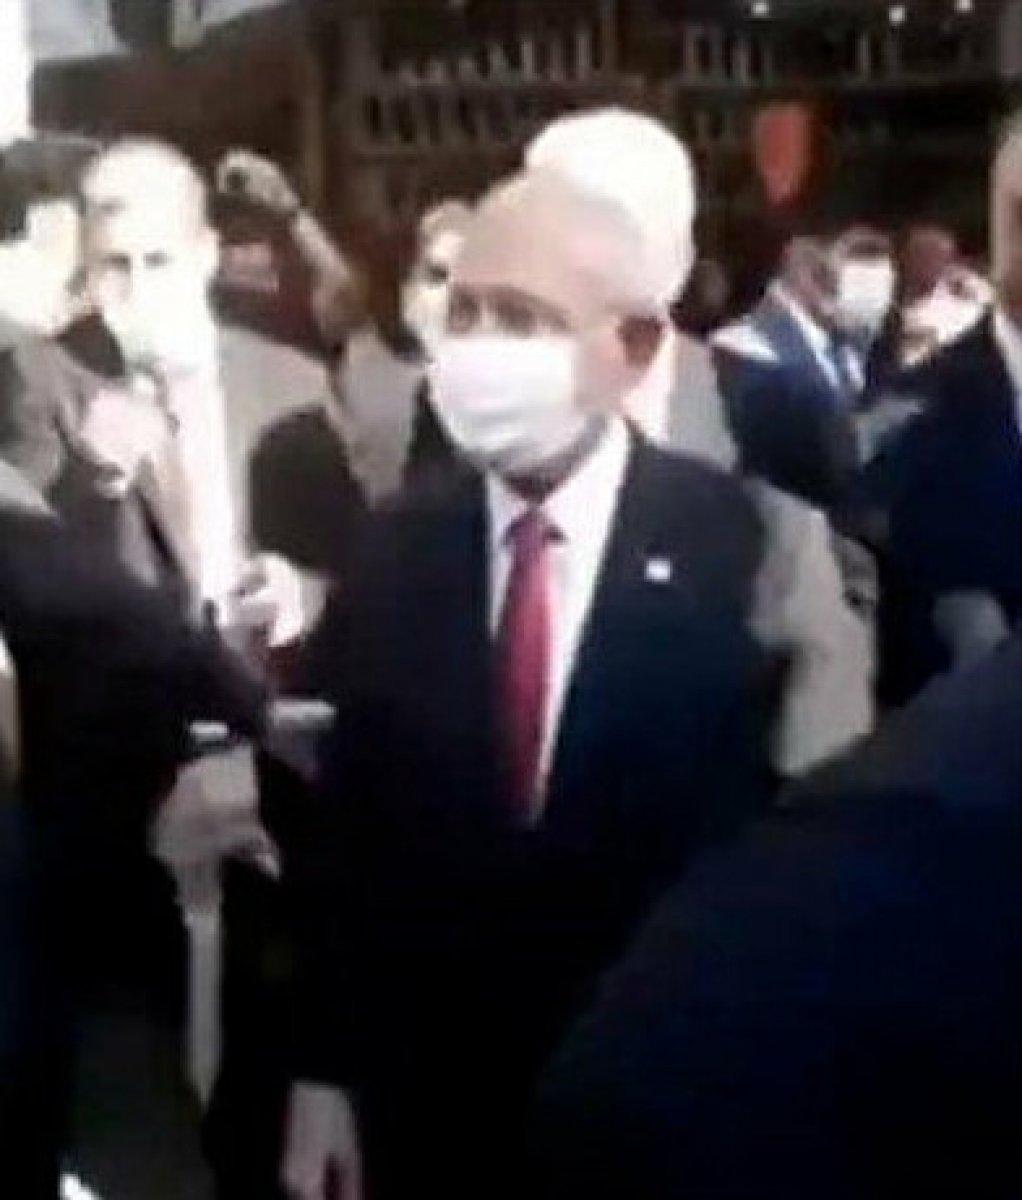 Meral Akşener den çocuğunu Kılıçdaroğlu ndan uzaklaştıran kadına tepki #2